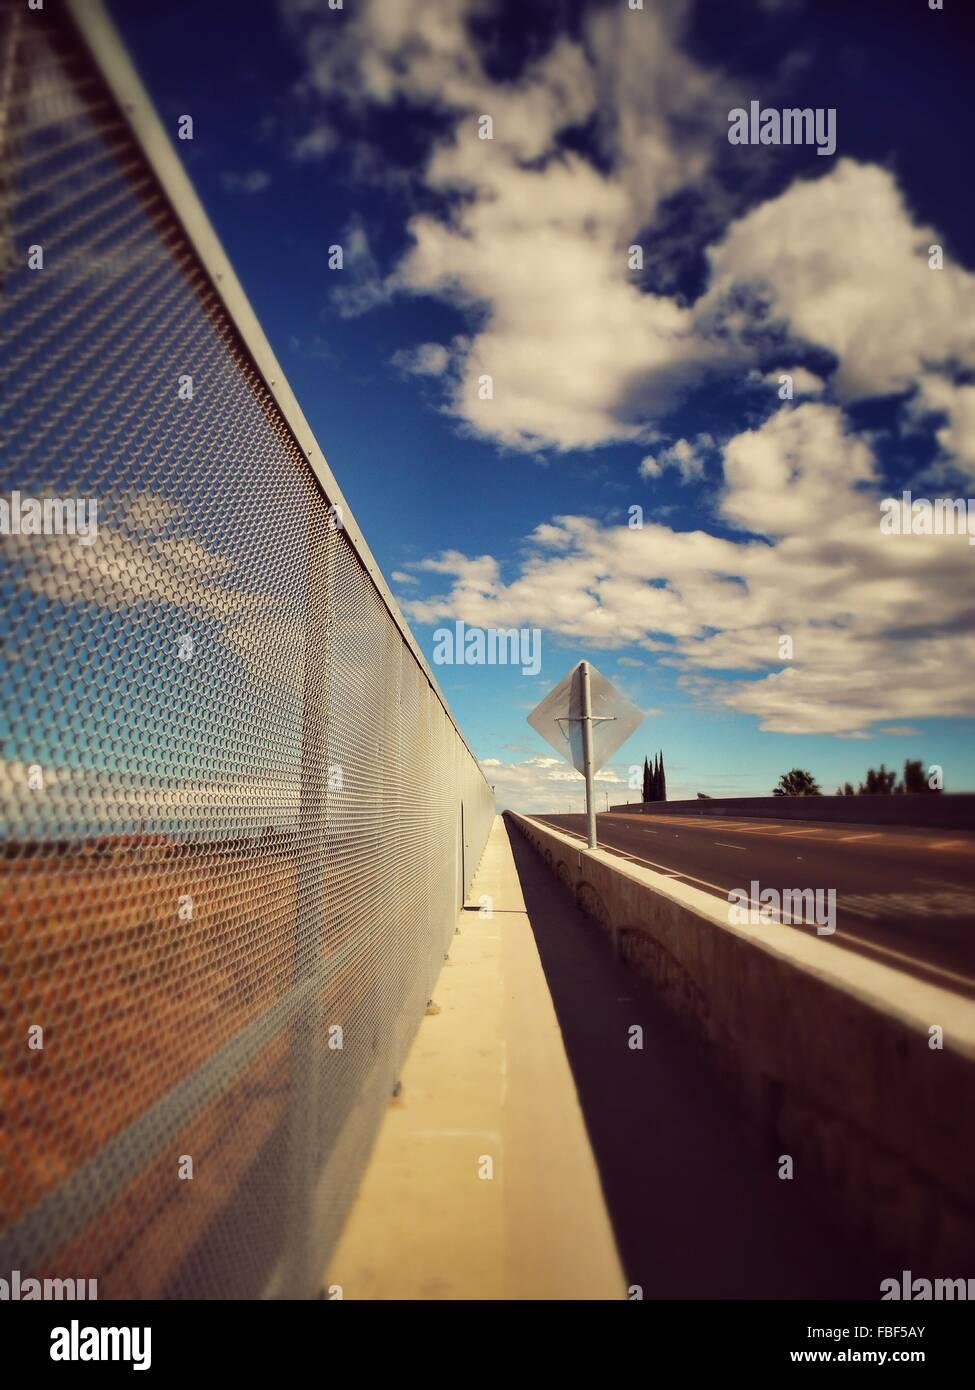 Sentier par une clôture contre Ciel nuageux Photo Stock